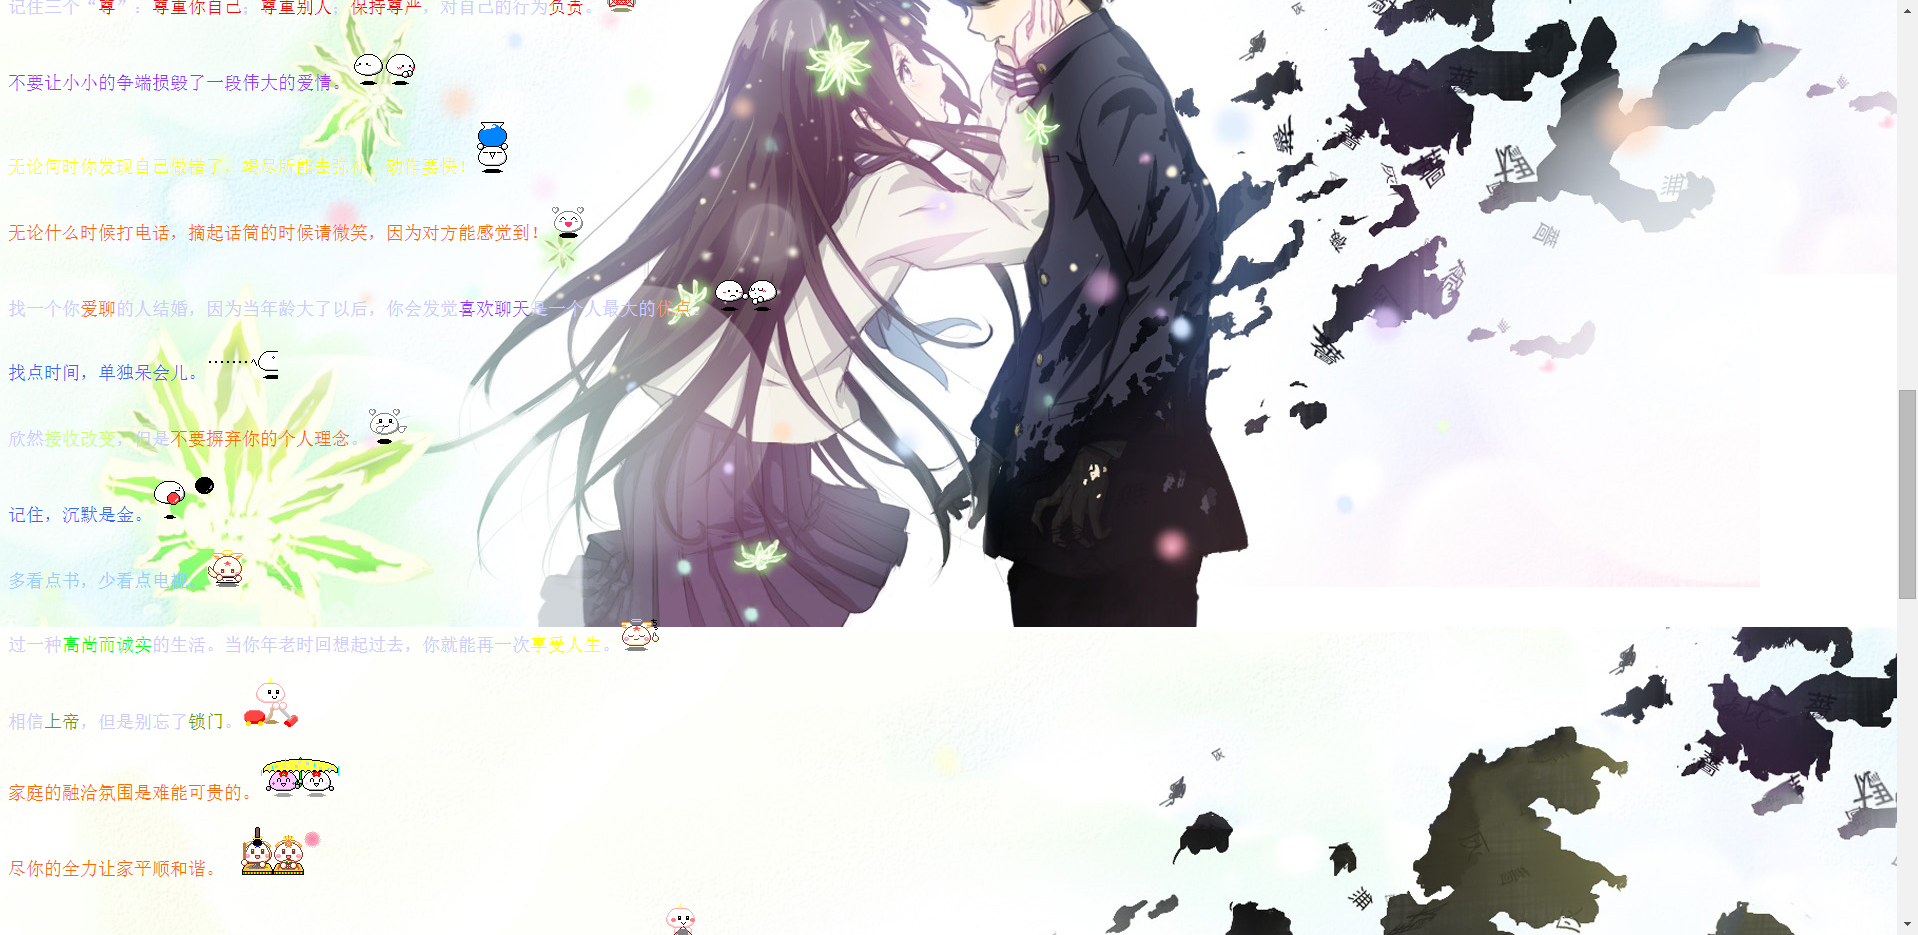 七夕,超浪漫表白网页定制全力助您撩妹到飞起